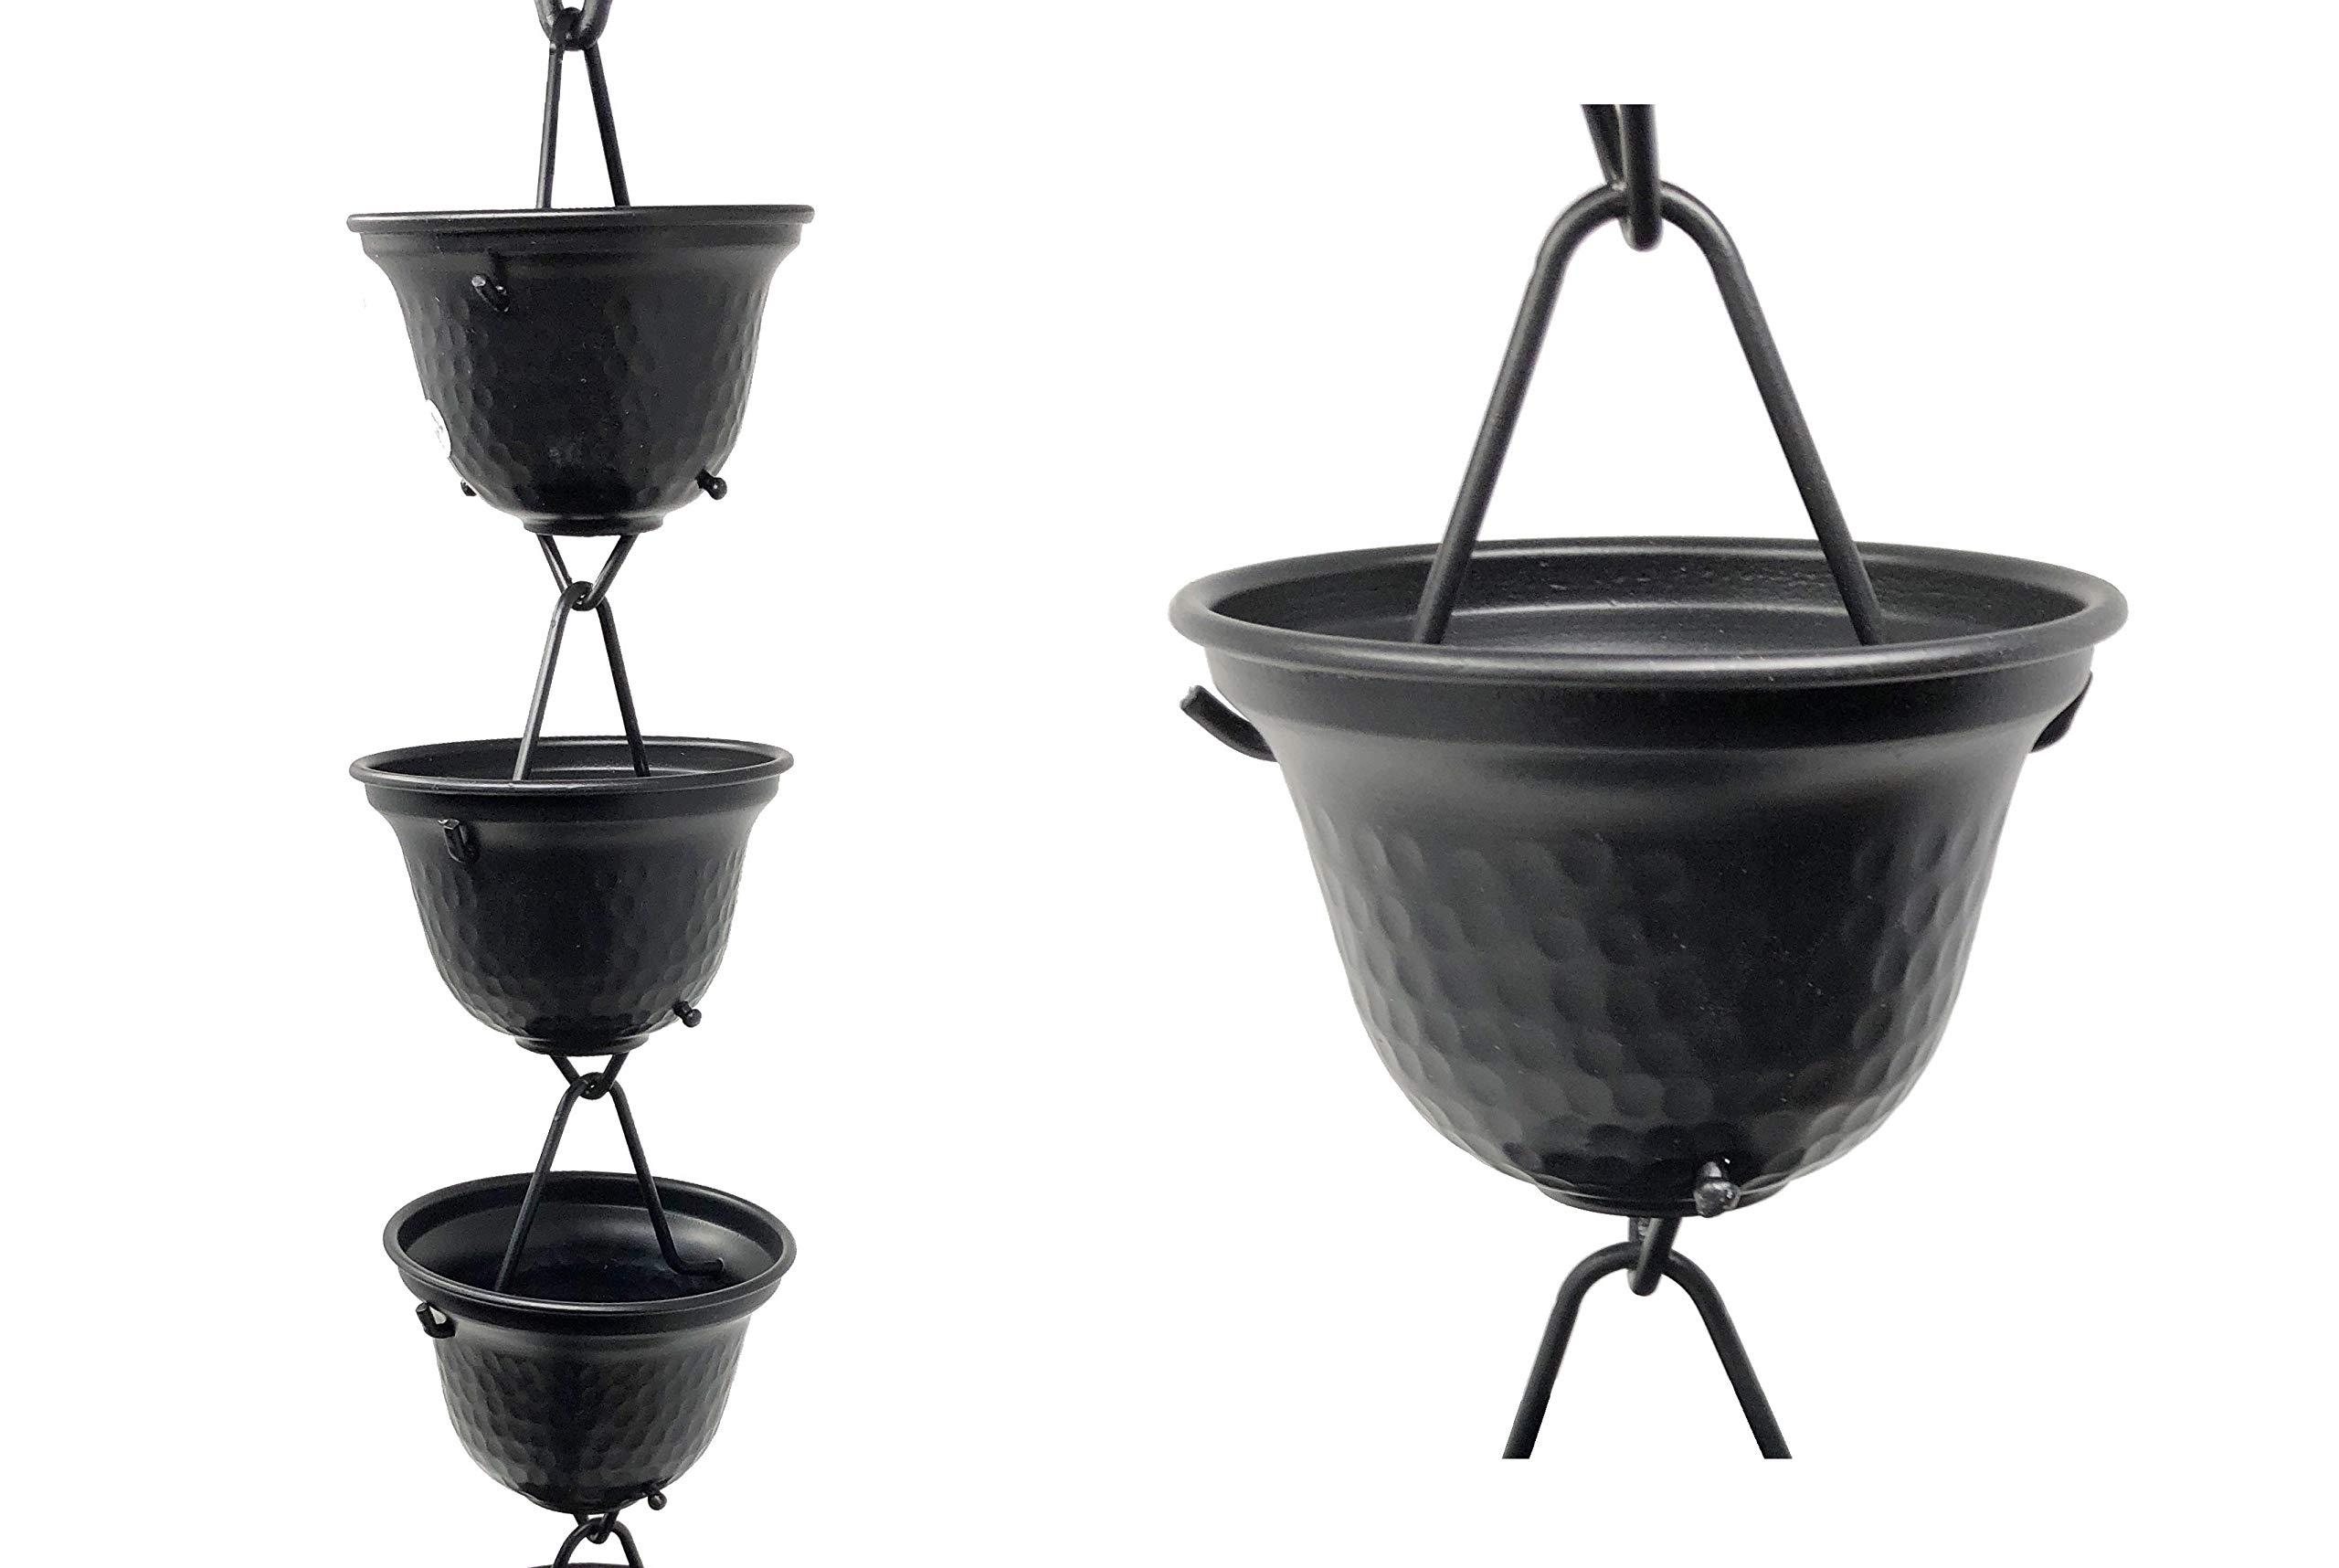 U-nitt 8-1/2 feet Rain Chain for Gutter: Tealight Cup Aluminum Length: 8.5 feet #3124BLK